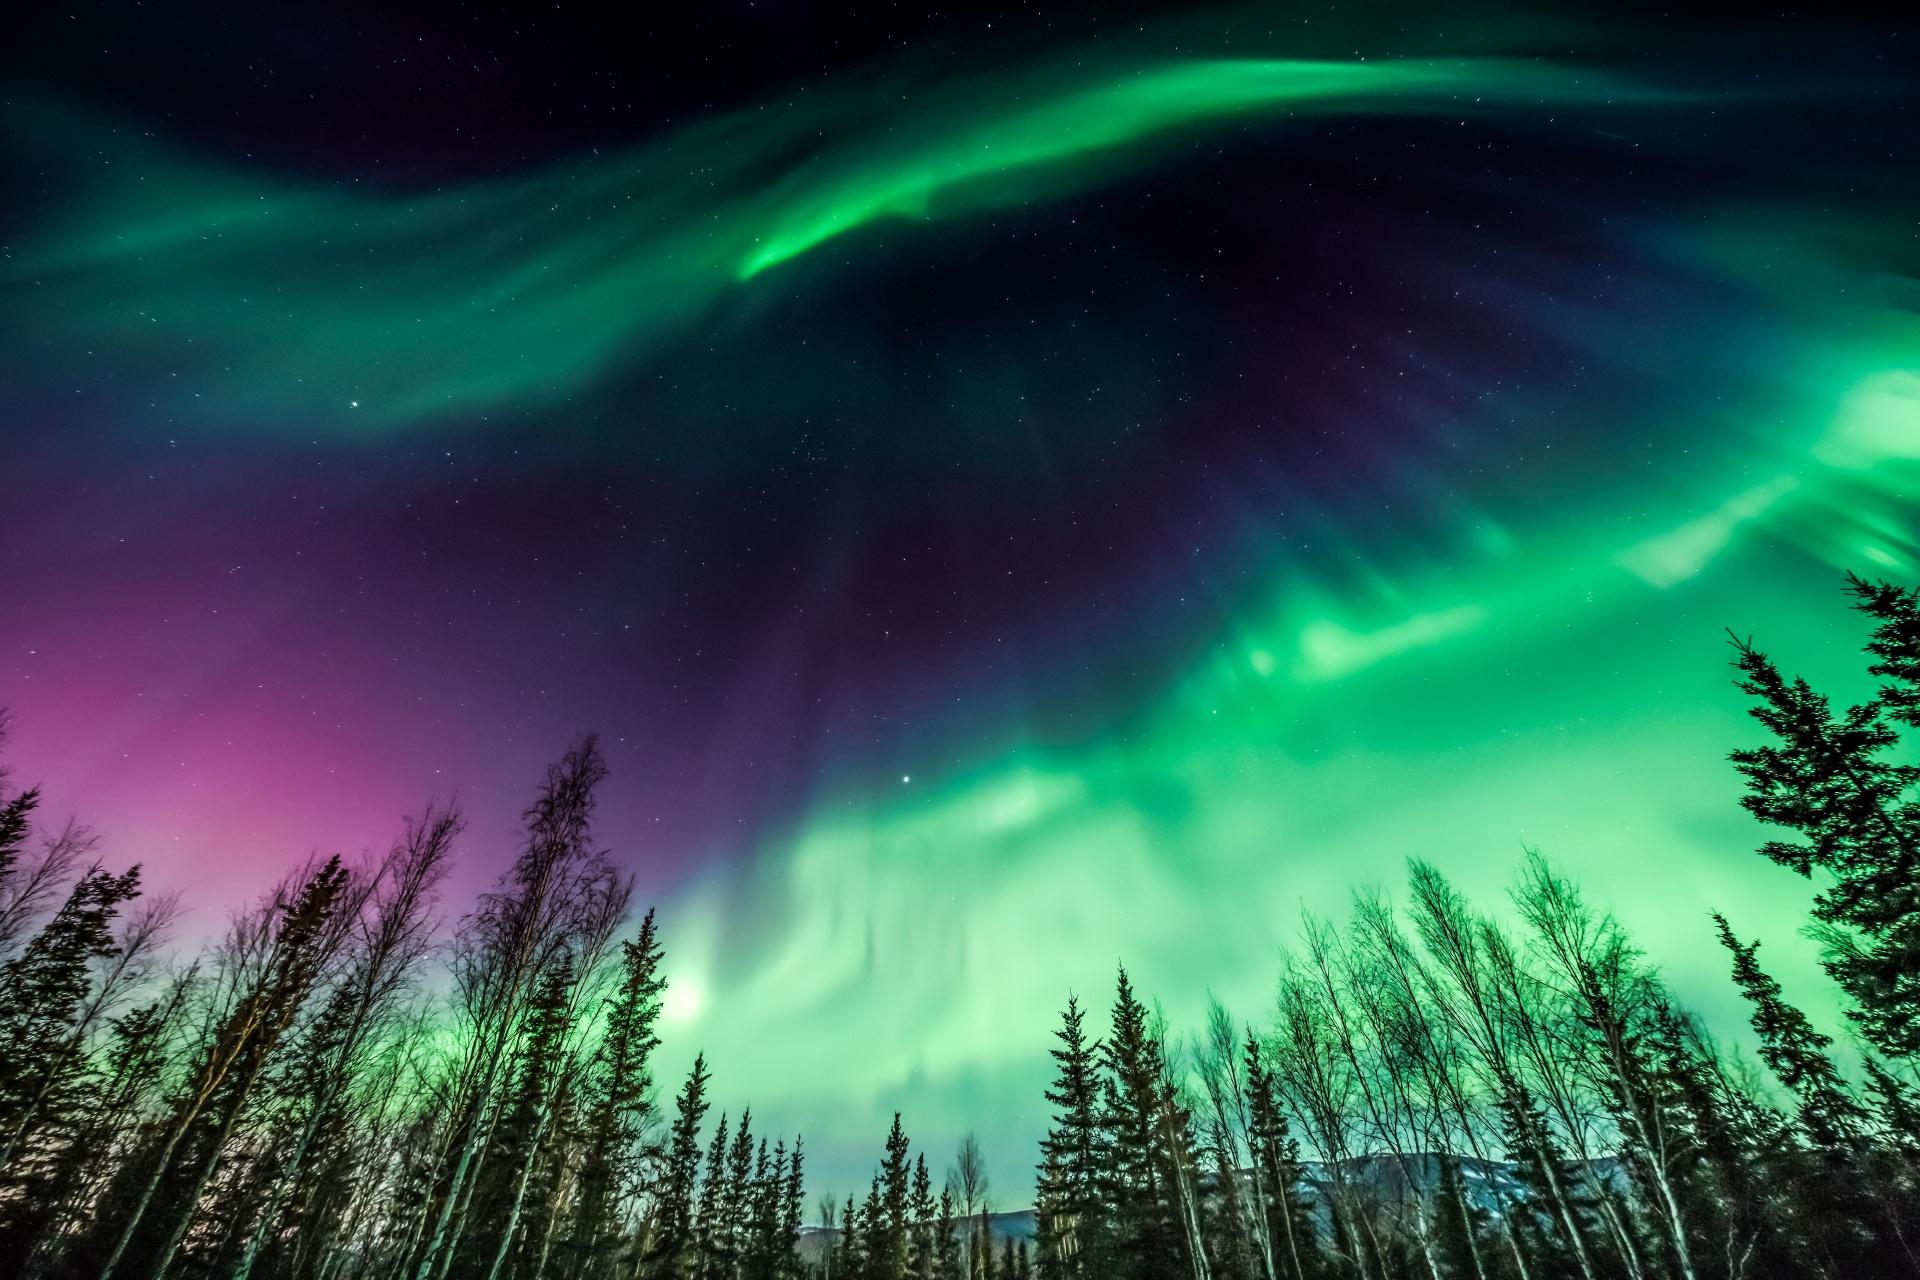 アラスカのオーロラの風景 アメリカの風景